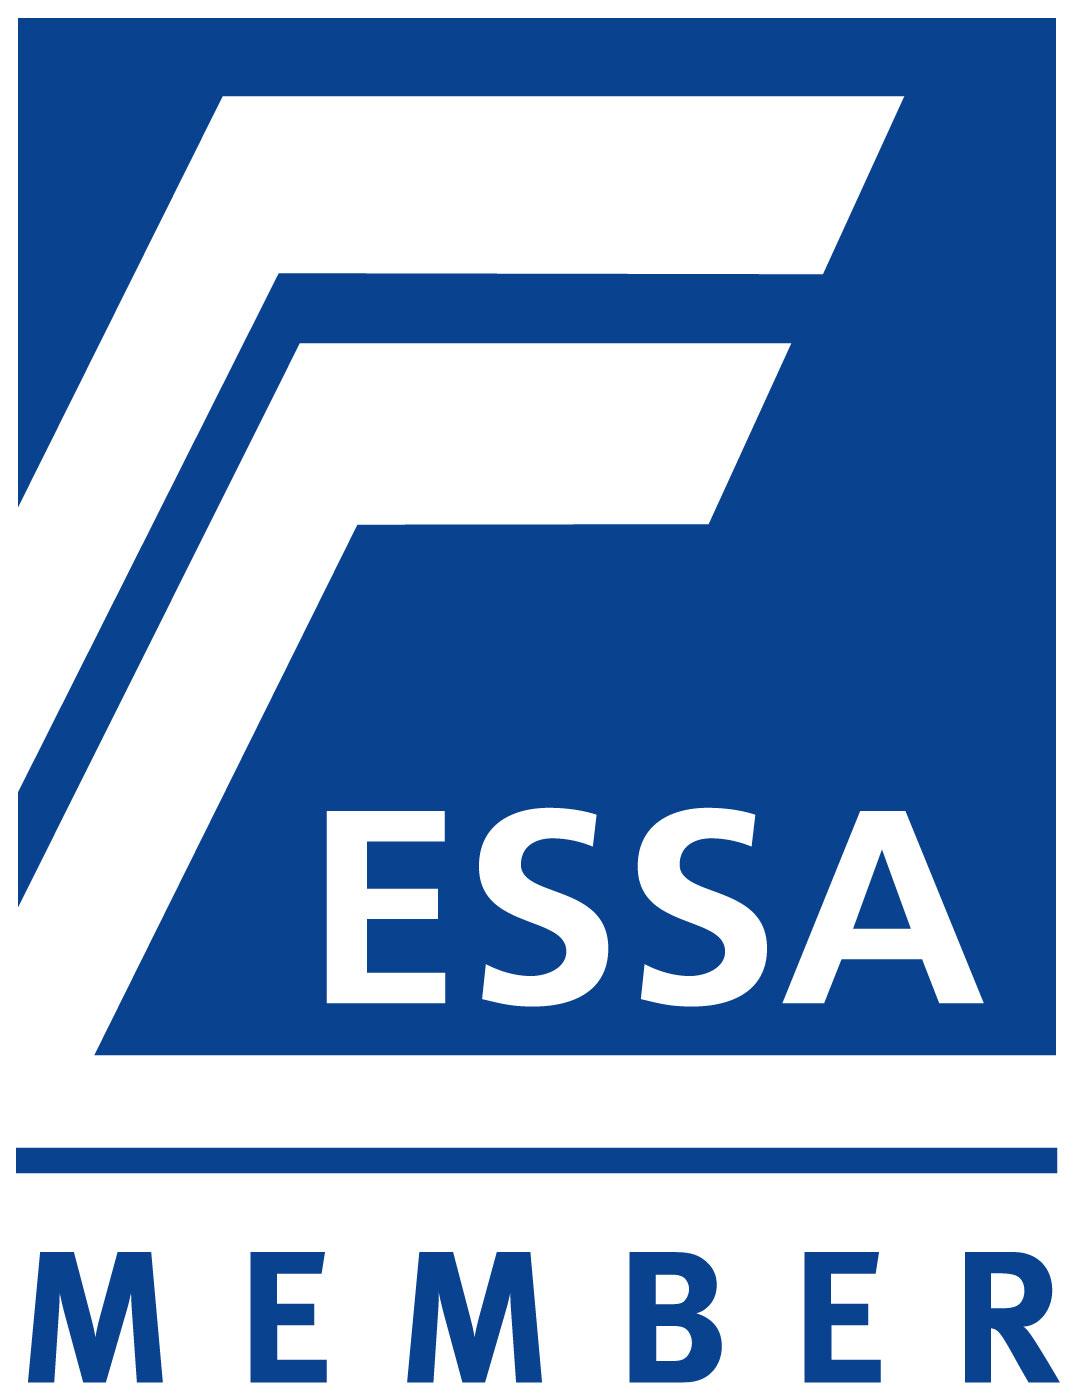 ESSA_Member_Logo_3C